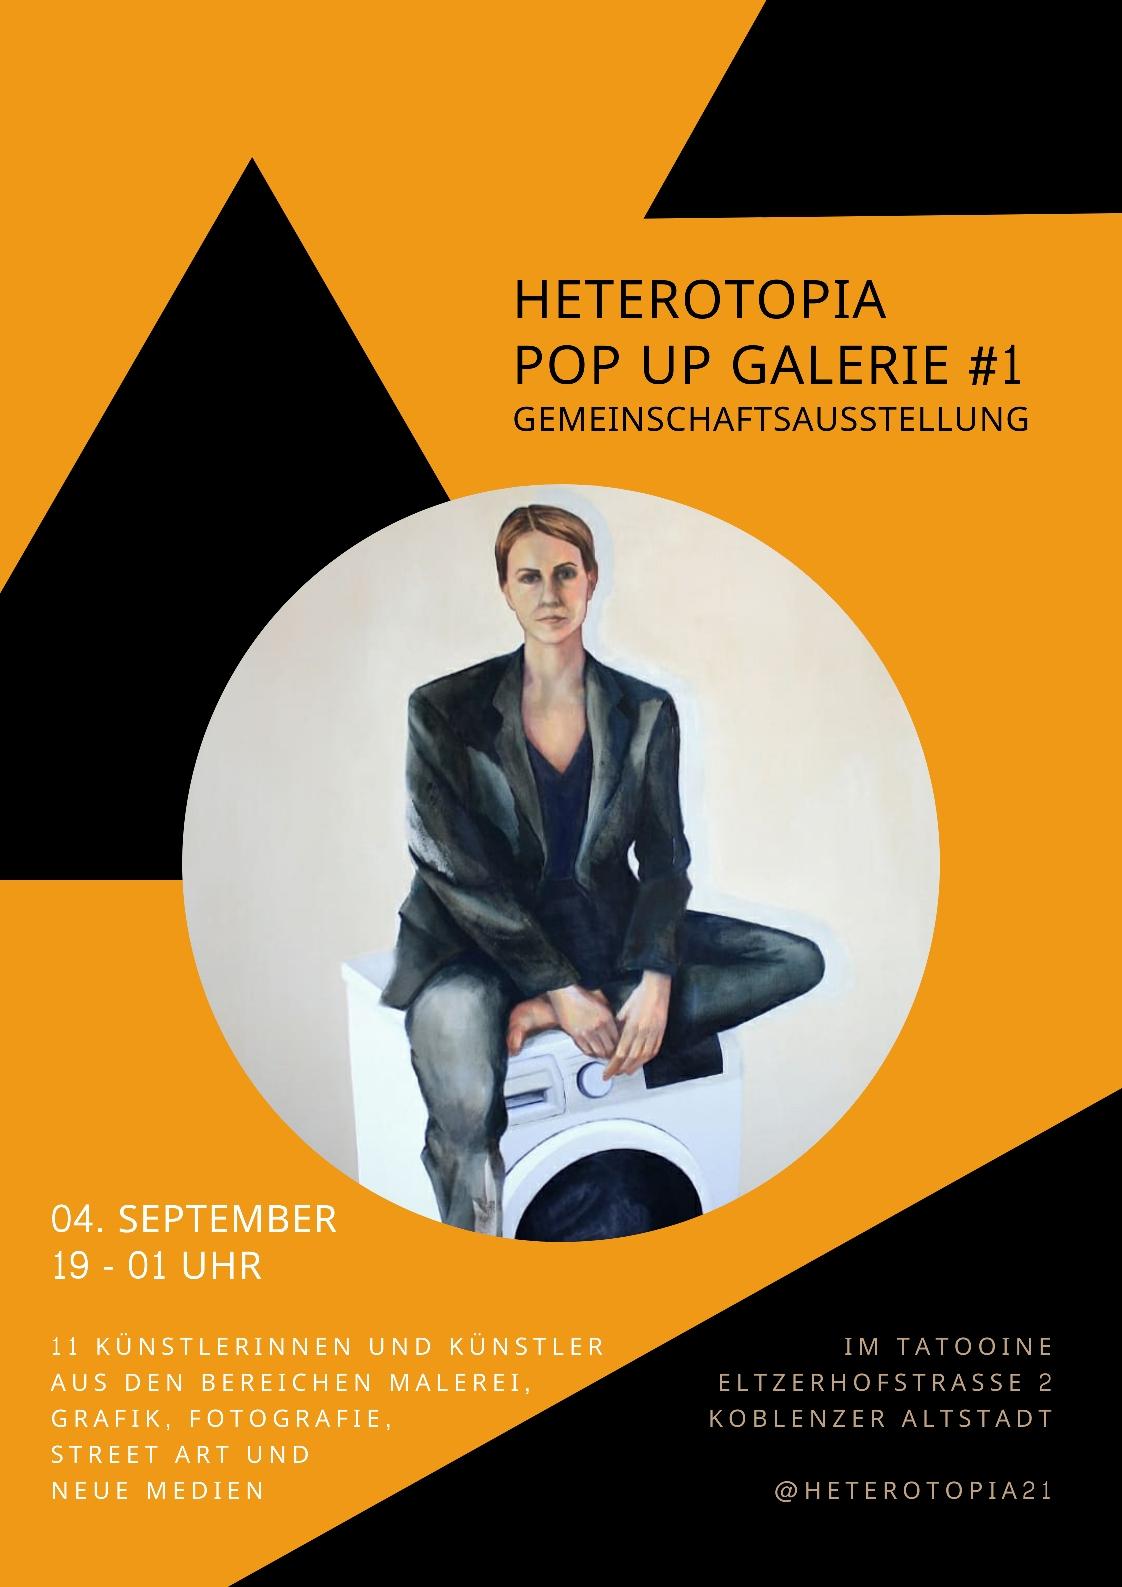 Heterotopia Pop Up Galerie #1  -  Koblenz